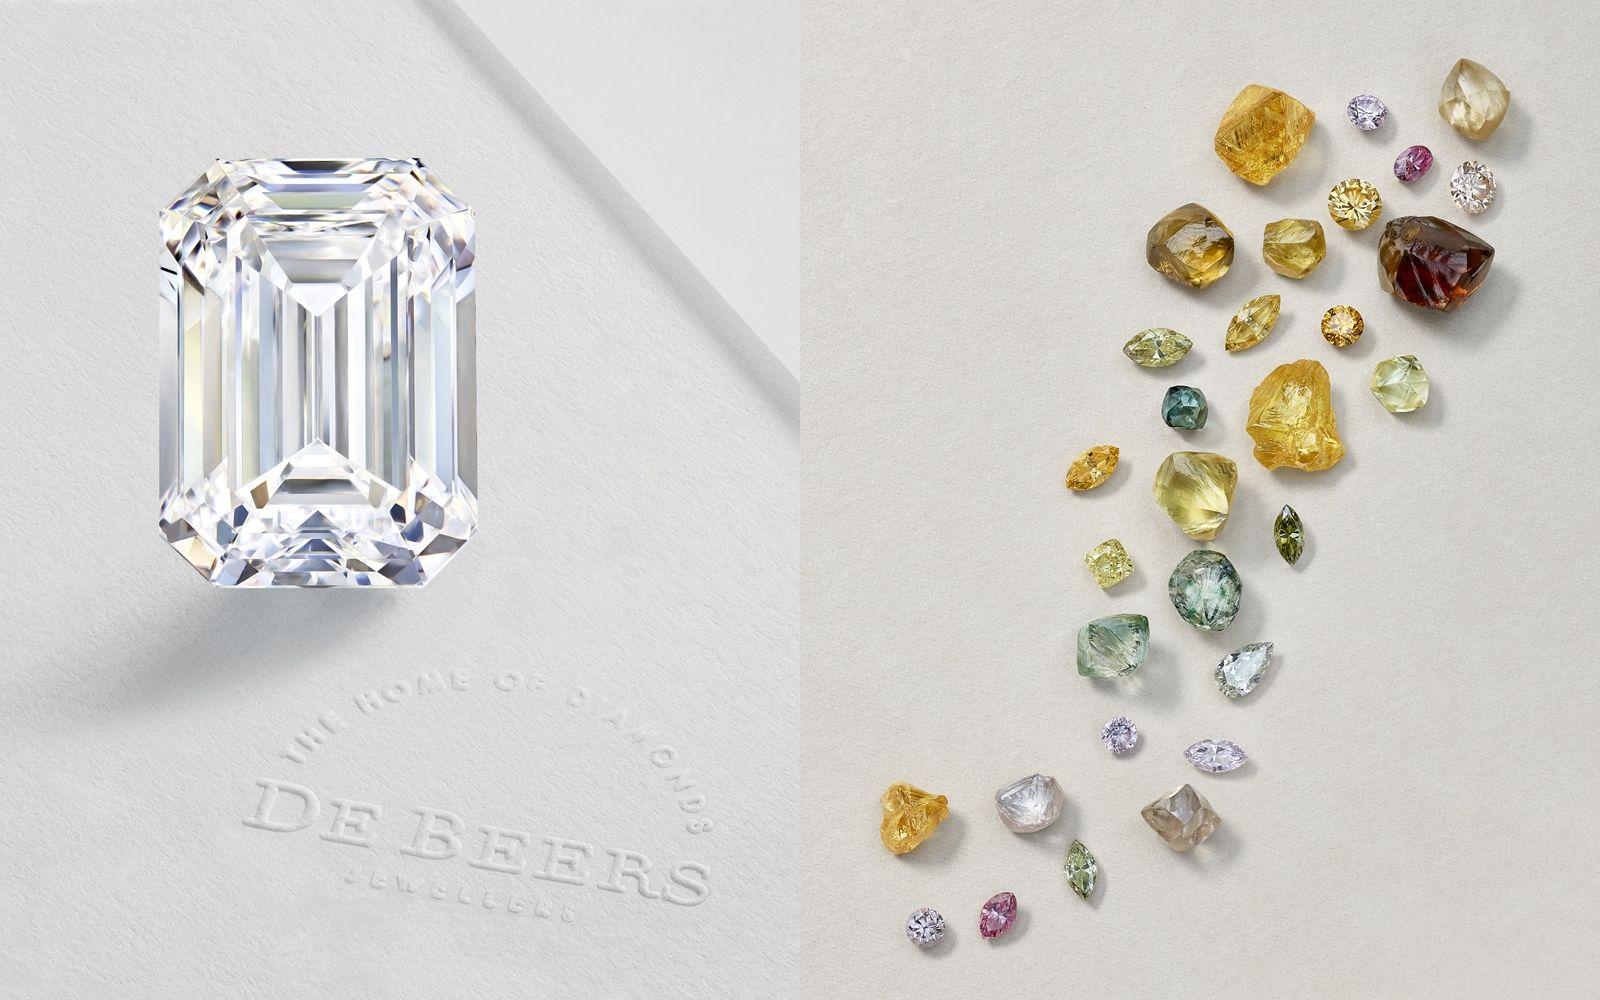 11顆鑽石、超過10億新台幣!De Beers The Master Diamonds系列天然美鑽抵台展出